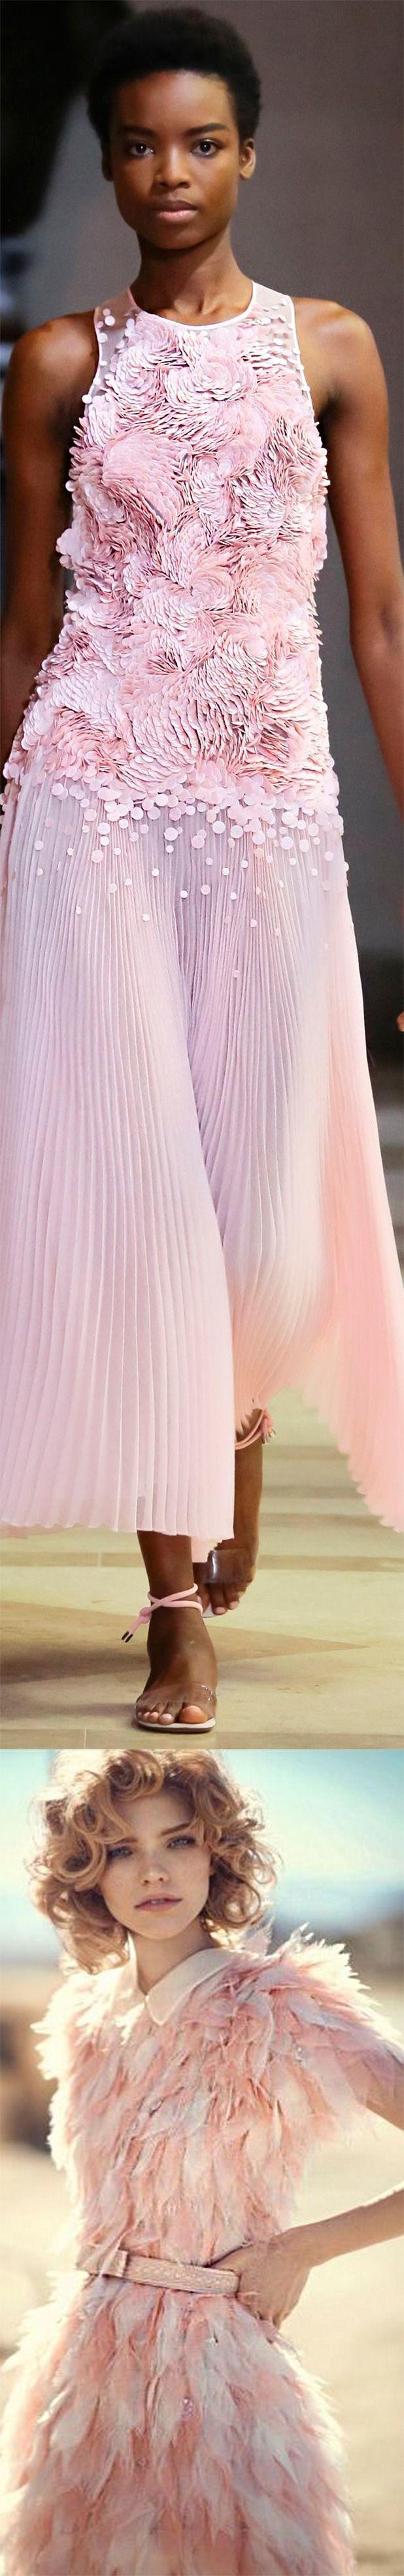 Рюши, оборки, воланы в нарядах: многообразие милых женственных деталей - Ярмарка Мастеров - ручная работа, handmade